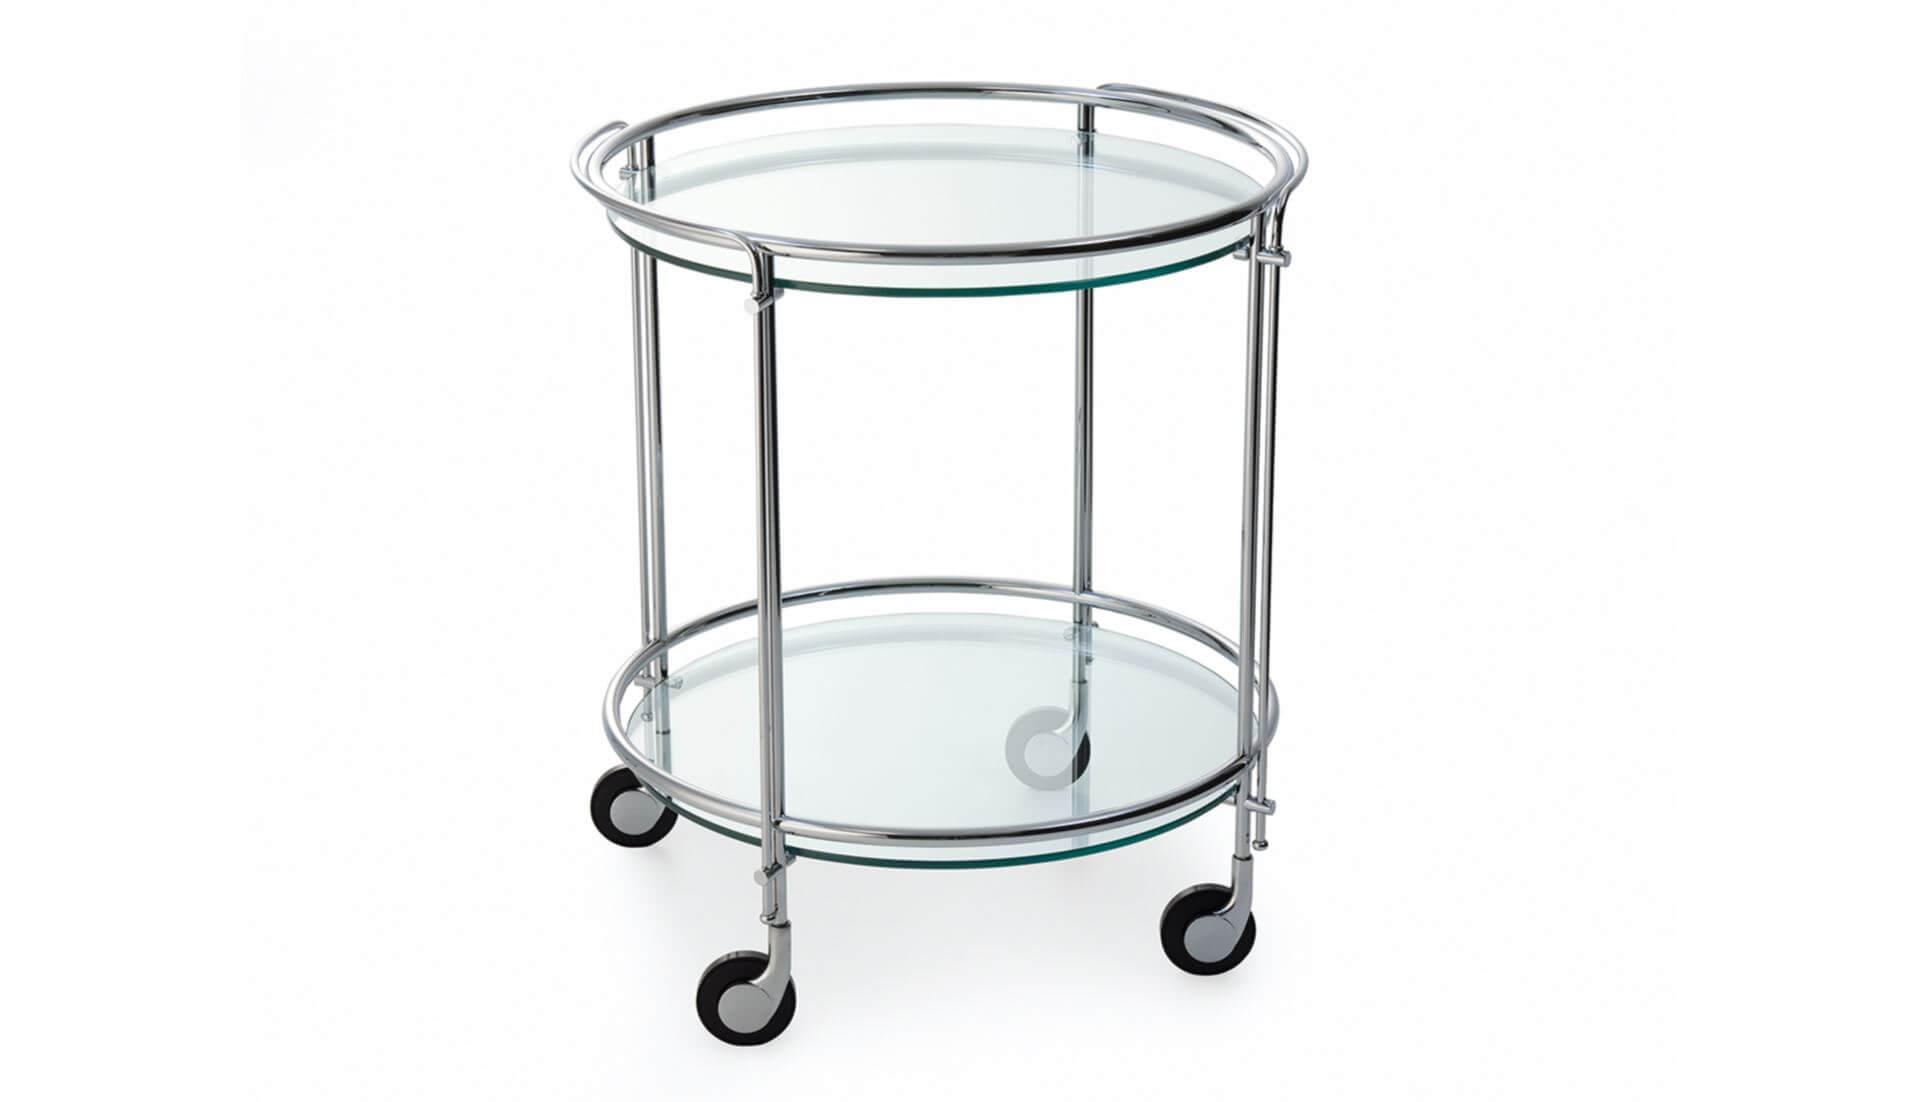 Gallotti&Radice Riki Bar Trolley